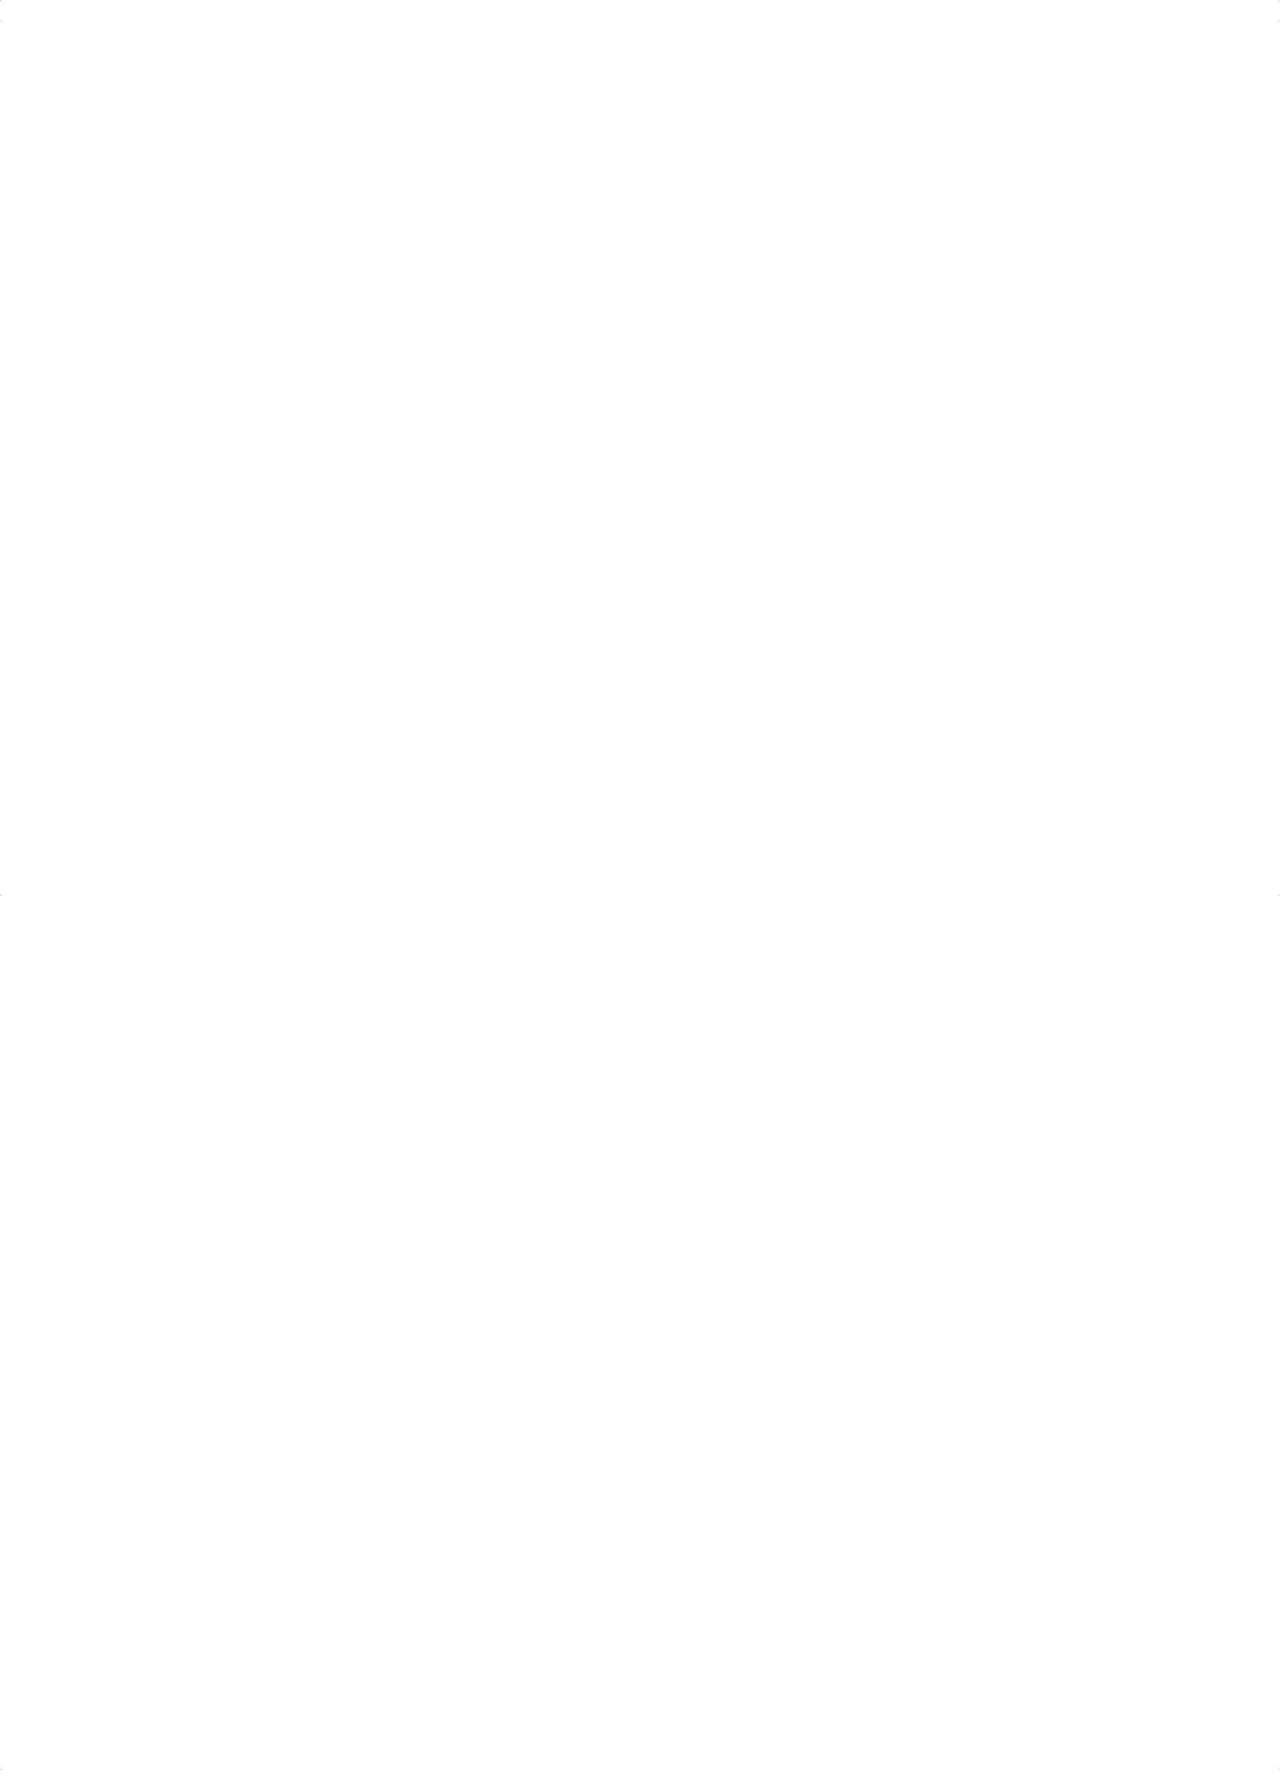 Josei Douseiai Matome 1 丨 女性同性愛合集 1 25